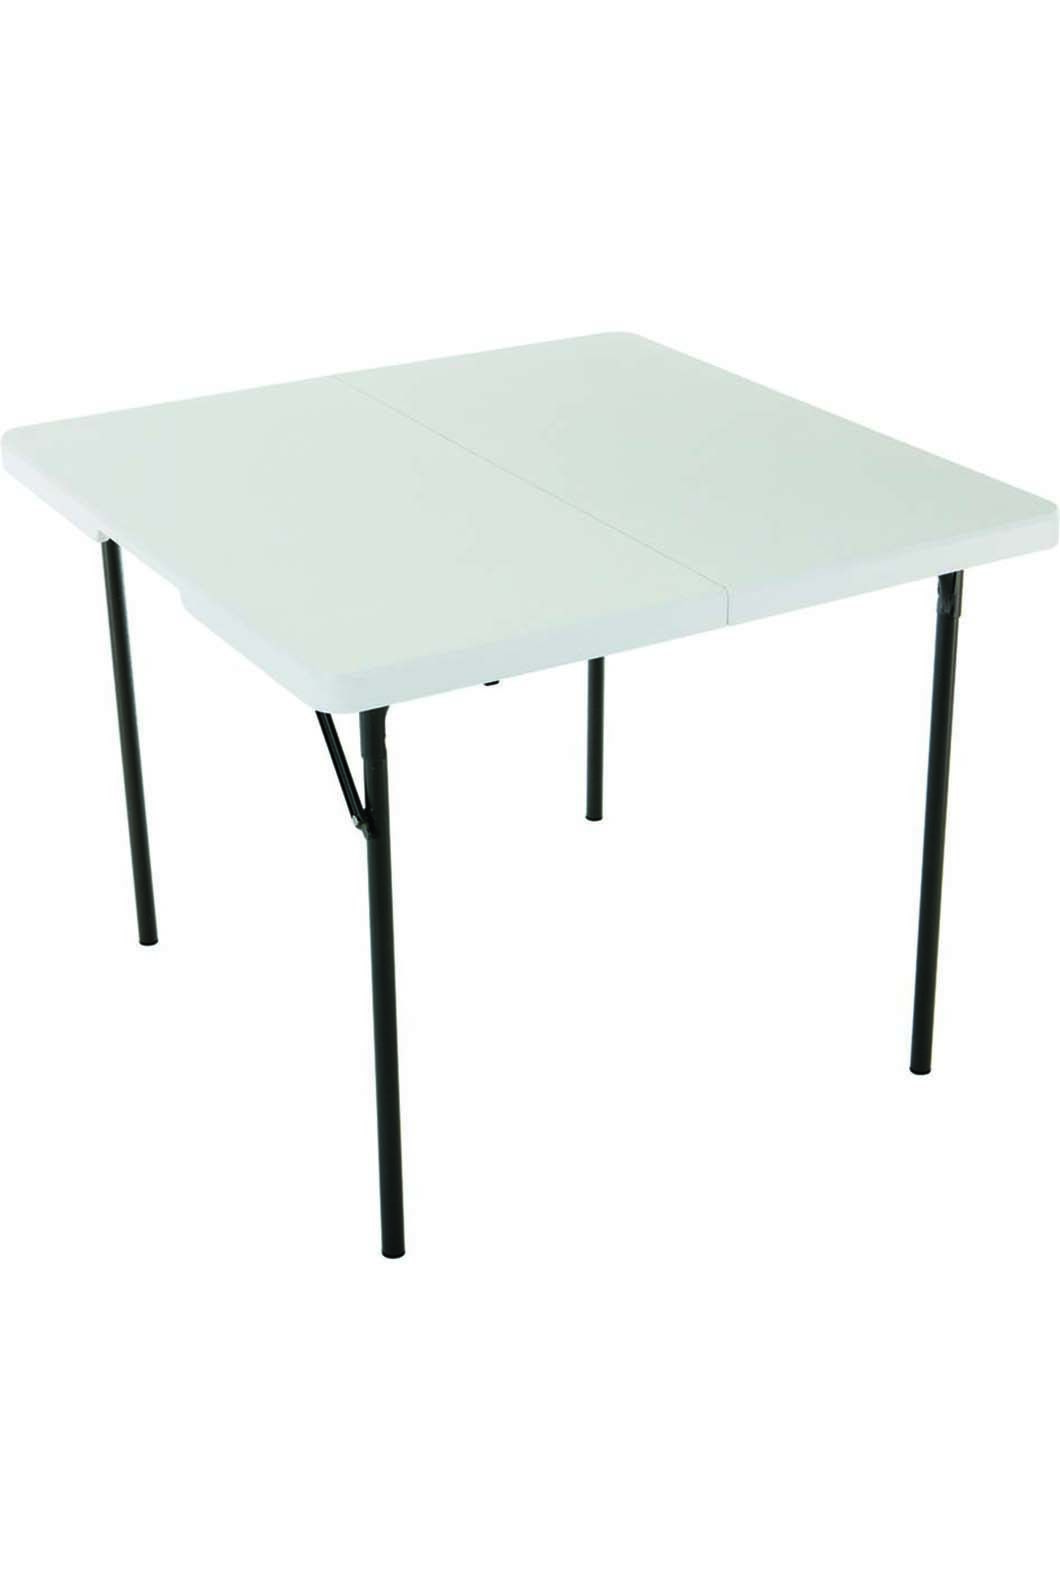 Lifetime 94cm Square Blow Mould Table, None, hi-res